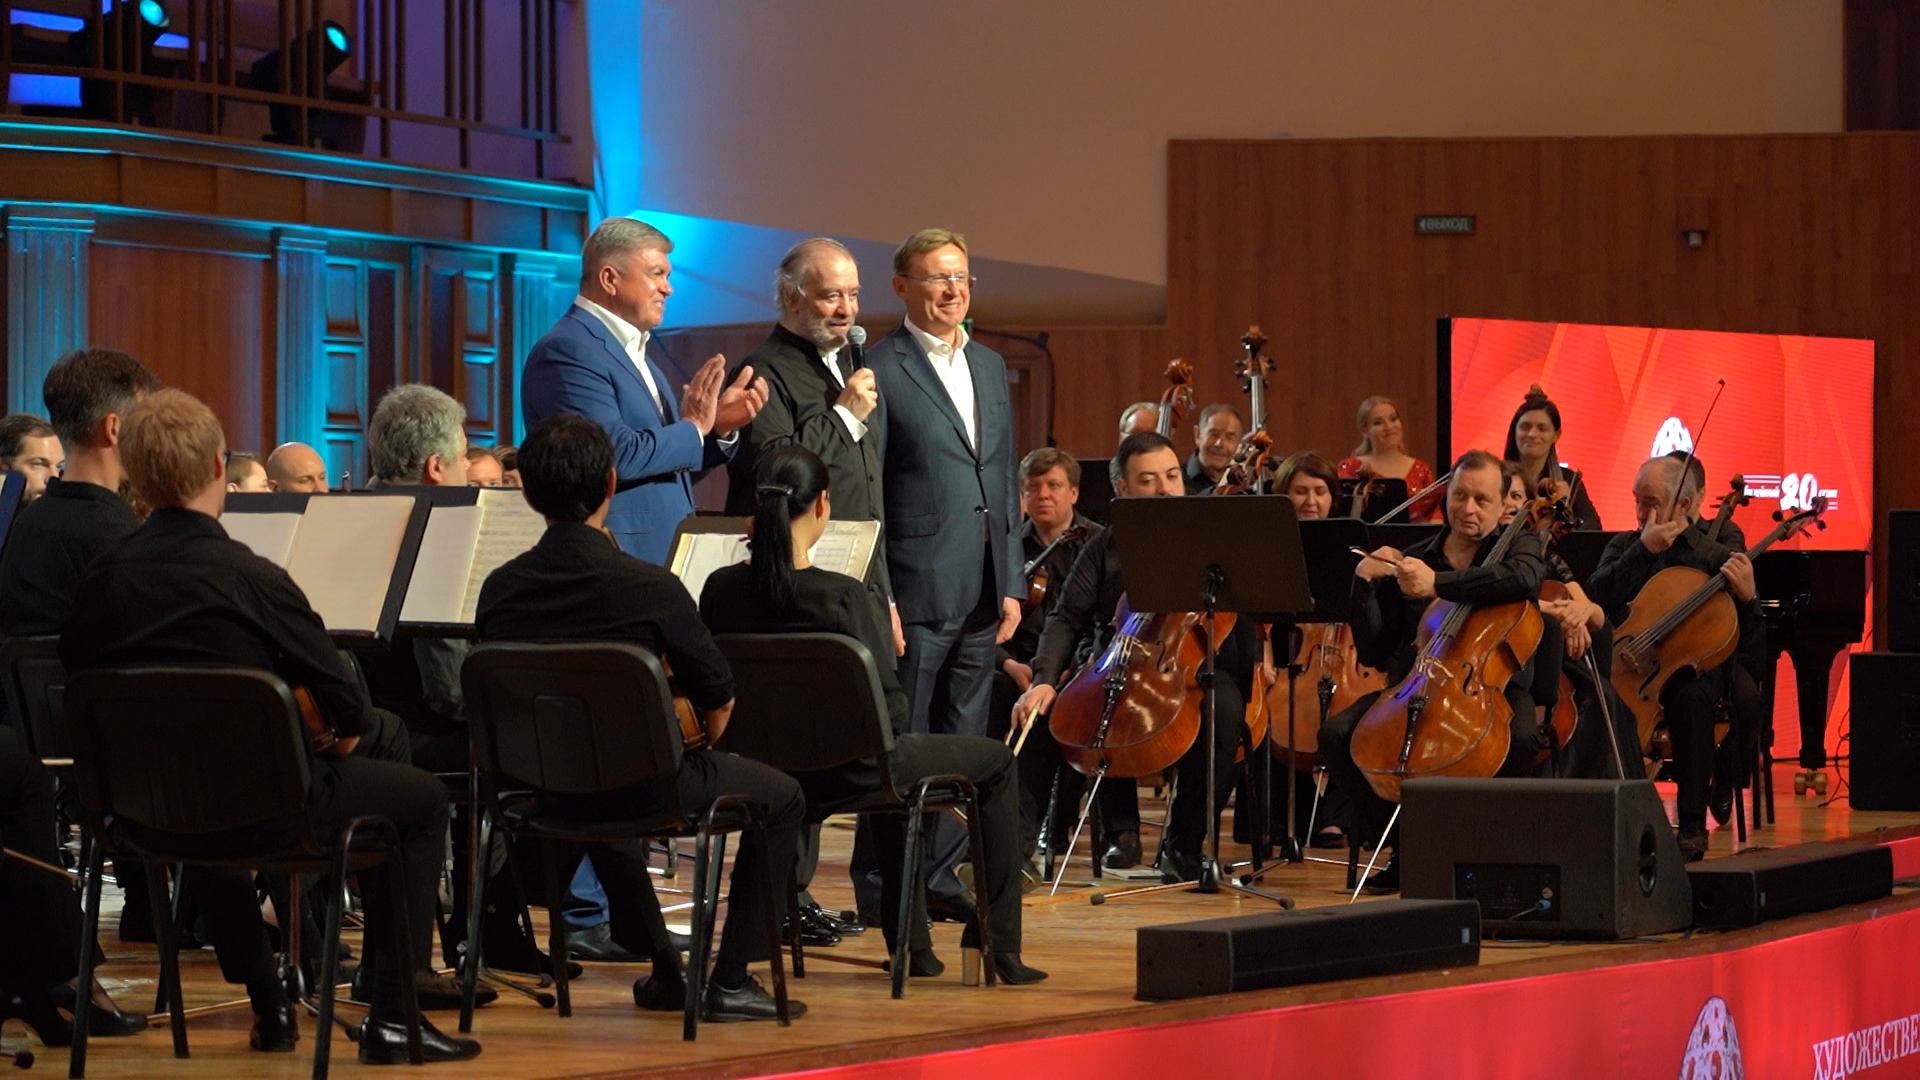 Симфонический оркестр Мариинского театра дал концерт в Набережных Челнах